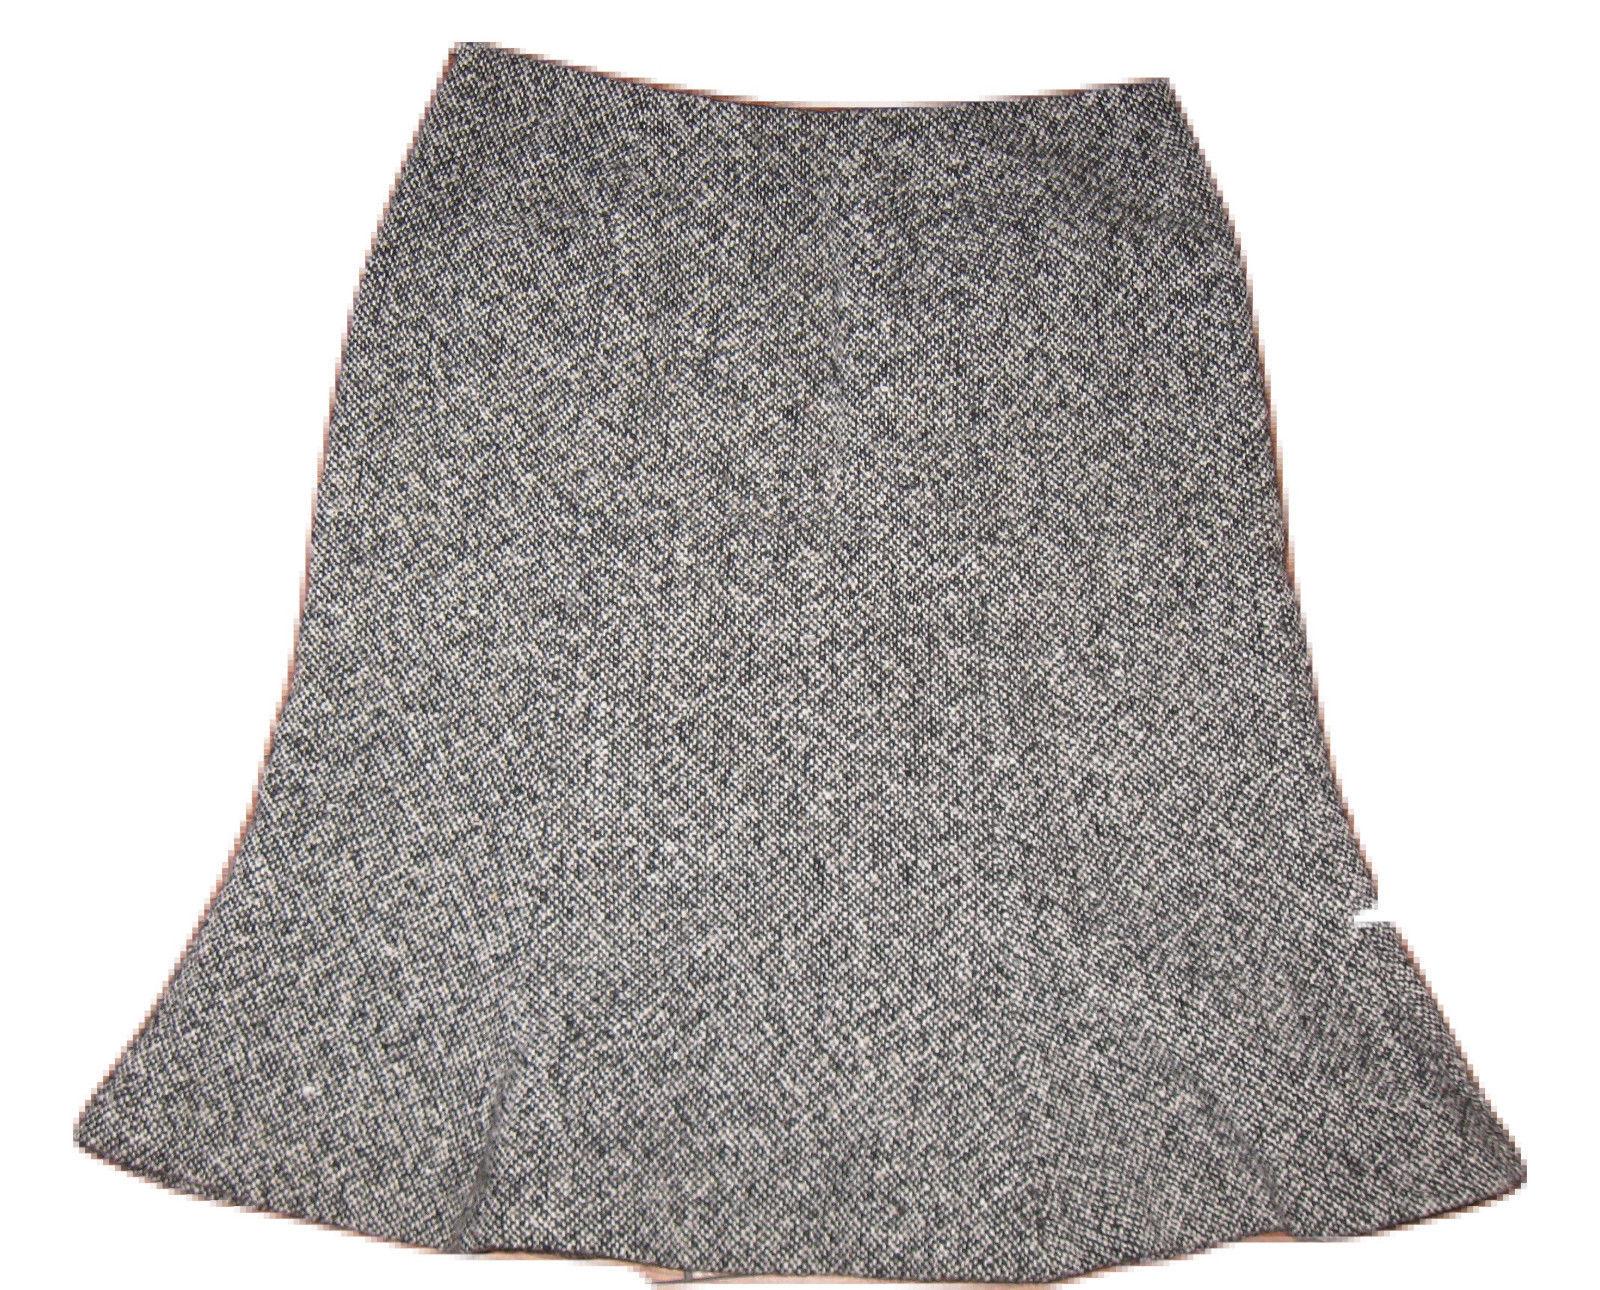 14063c277 GAP Sz 1 Skirt Black White TWEED A-Line Flare WOOL Blend Career Work Lined  - $17.99